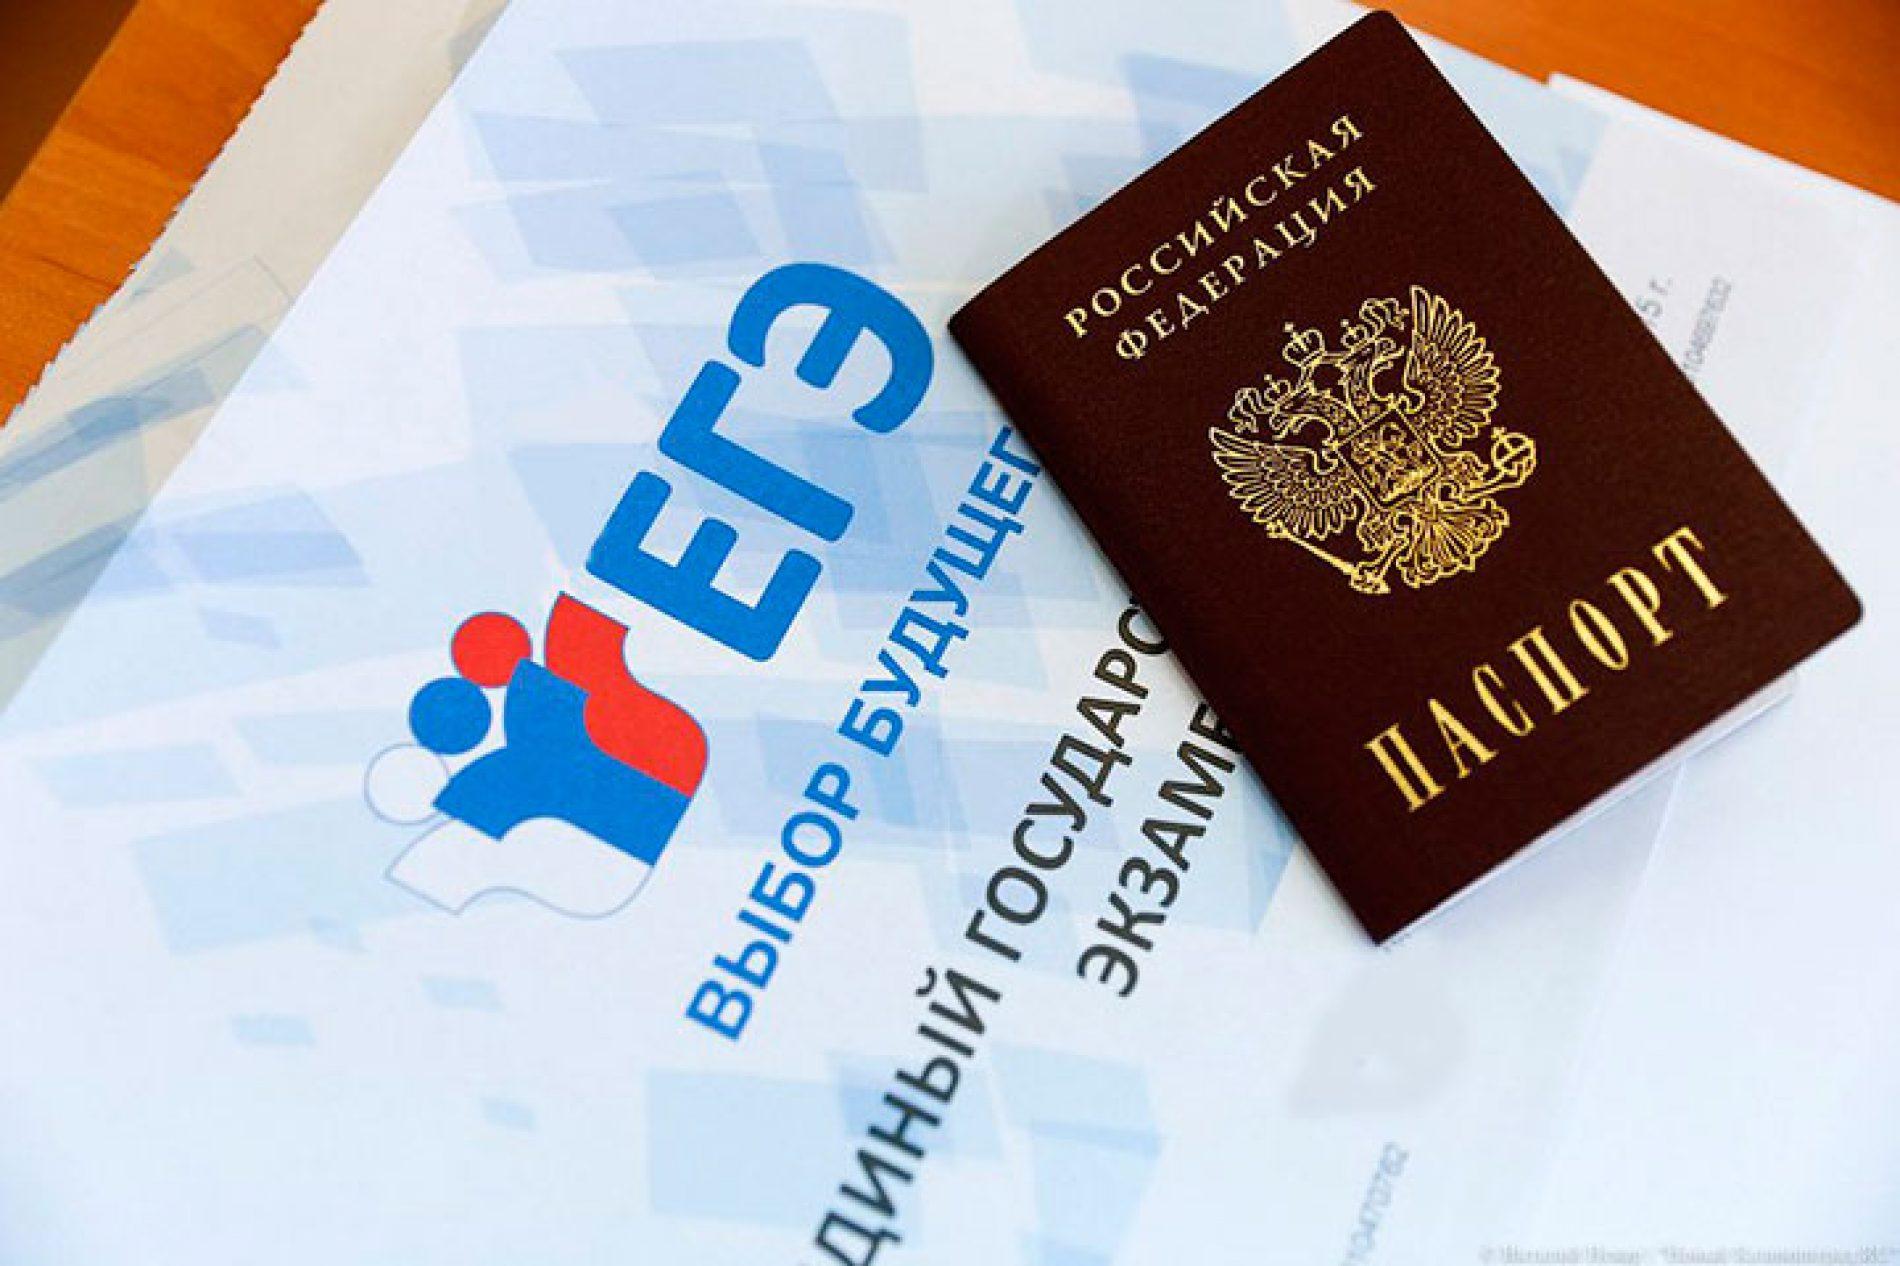 В Тверской области перерегистрация участников досрочного периода ЕГЭ продлена до 8 апреля